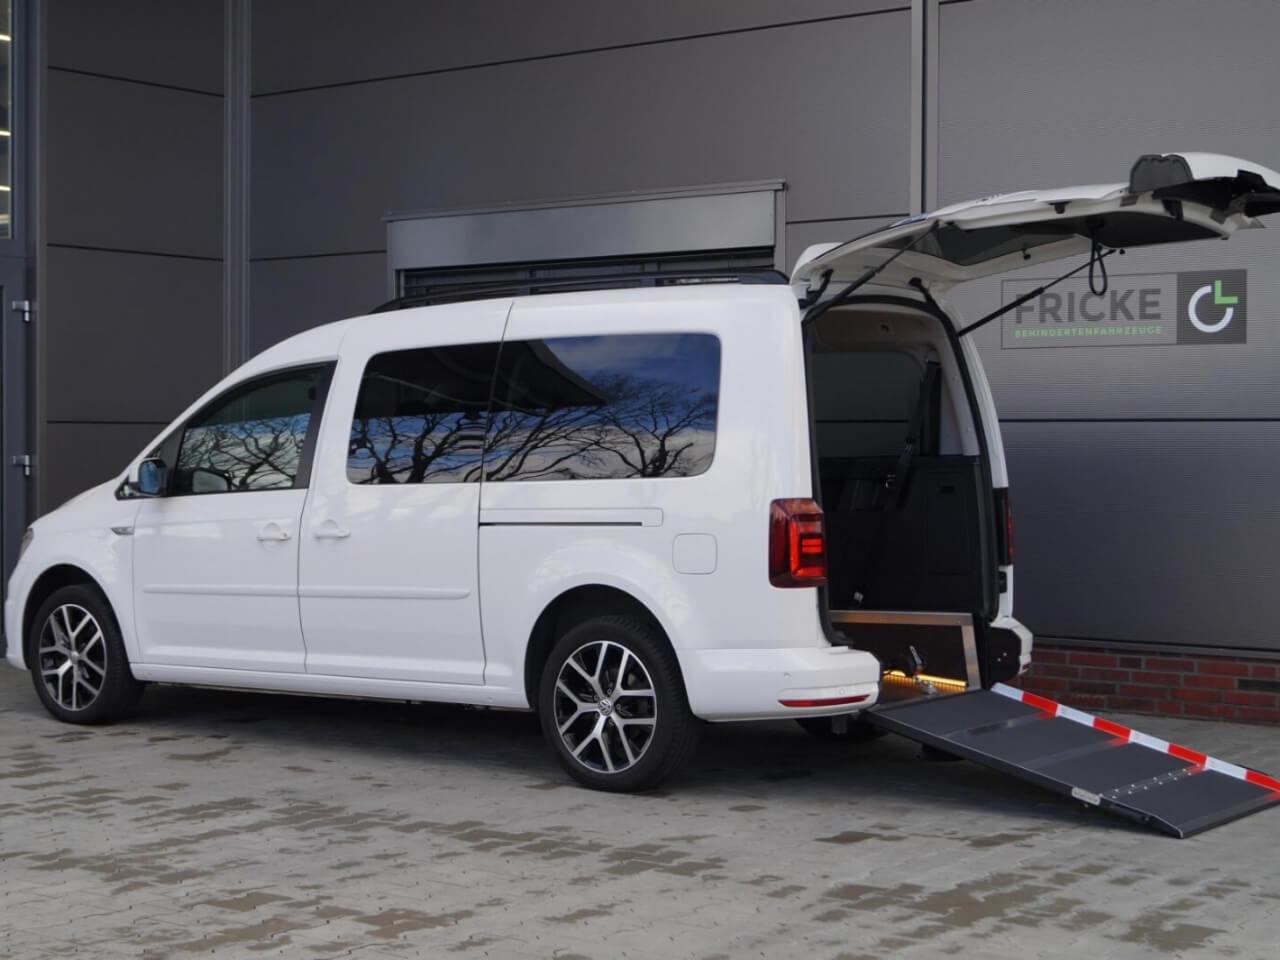 VW behindertengerechte Autos für Rollstuhlfahrer - Fricke Behindertenfahrzeuge (1)